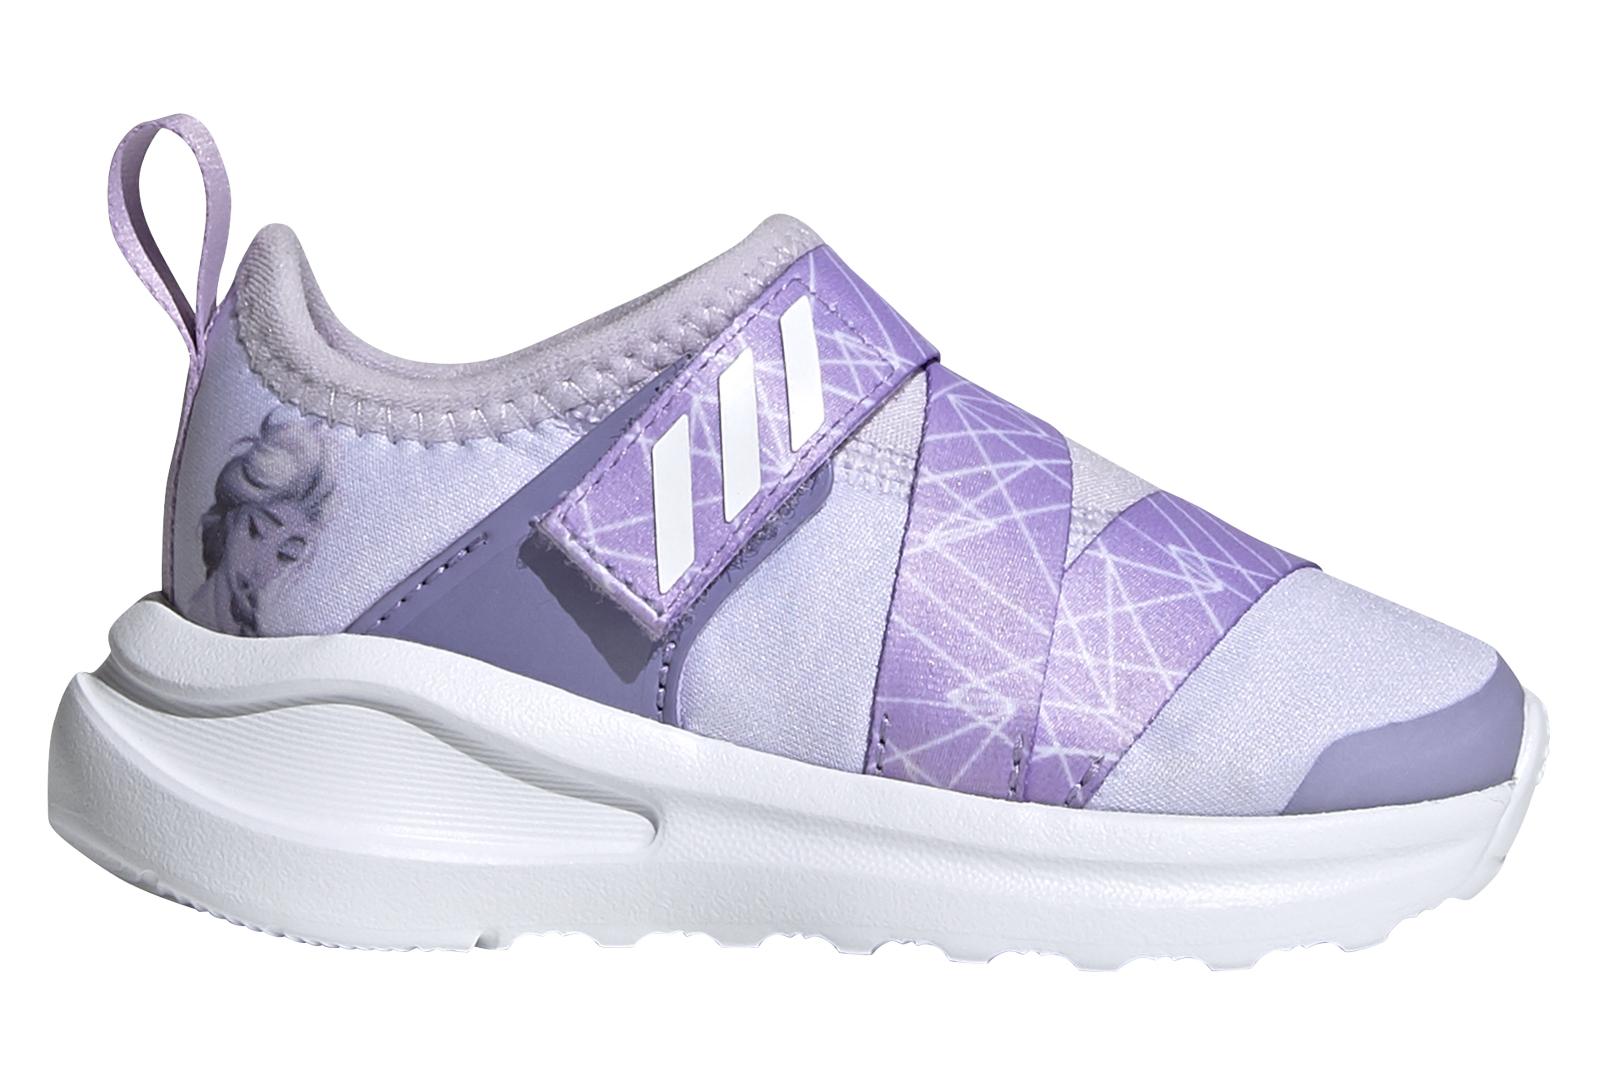 Chaussures baby adidas FortaRun X Frozen | Alltricks.com